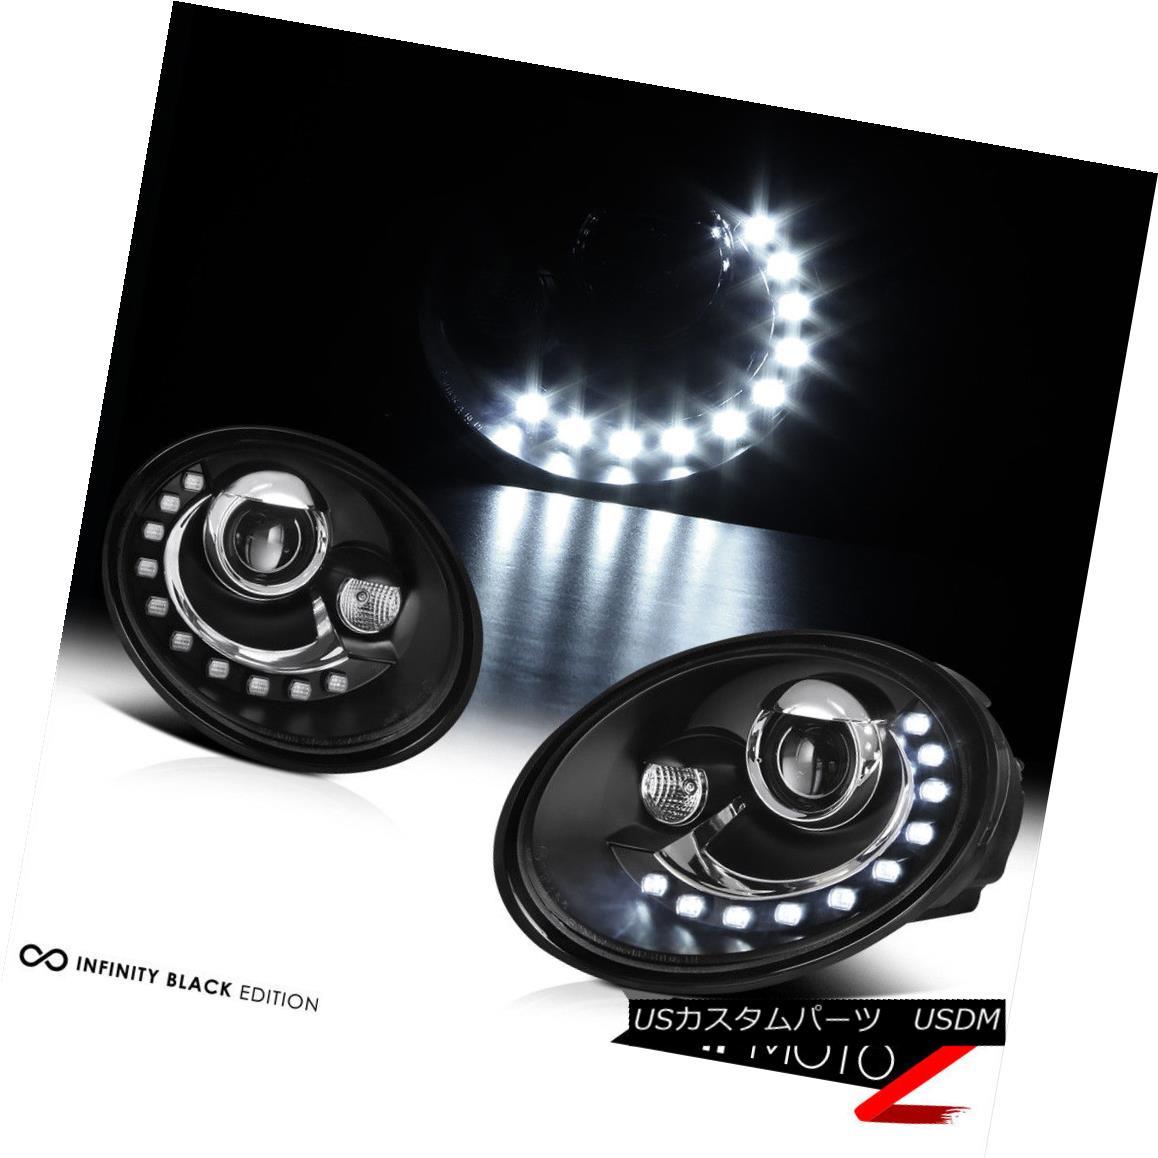 ヘッドライト 2006-2010 Volkswagen Beetle BASE TDI GLS GLX CABRIO 2.5 Black LED DRL Headlights 2006-2010フォルクスワーゲンビートルベースTDI GLS GLX CABRIO 2.5ブラックLED DRLヘッドライト